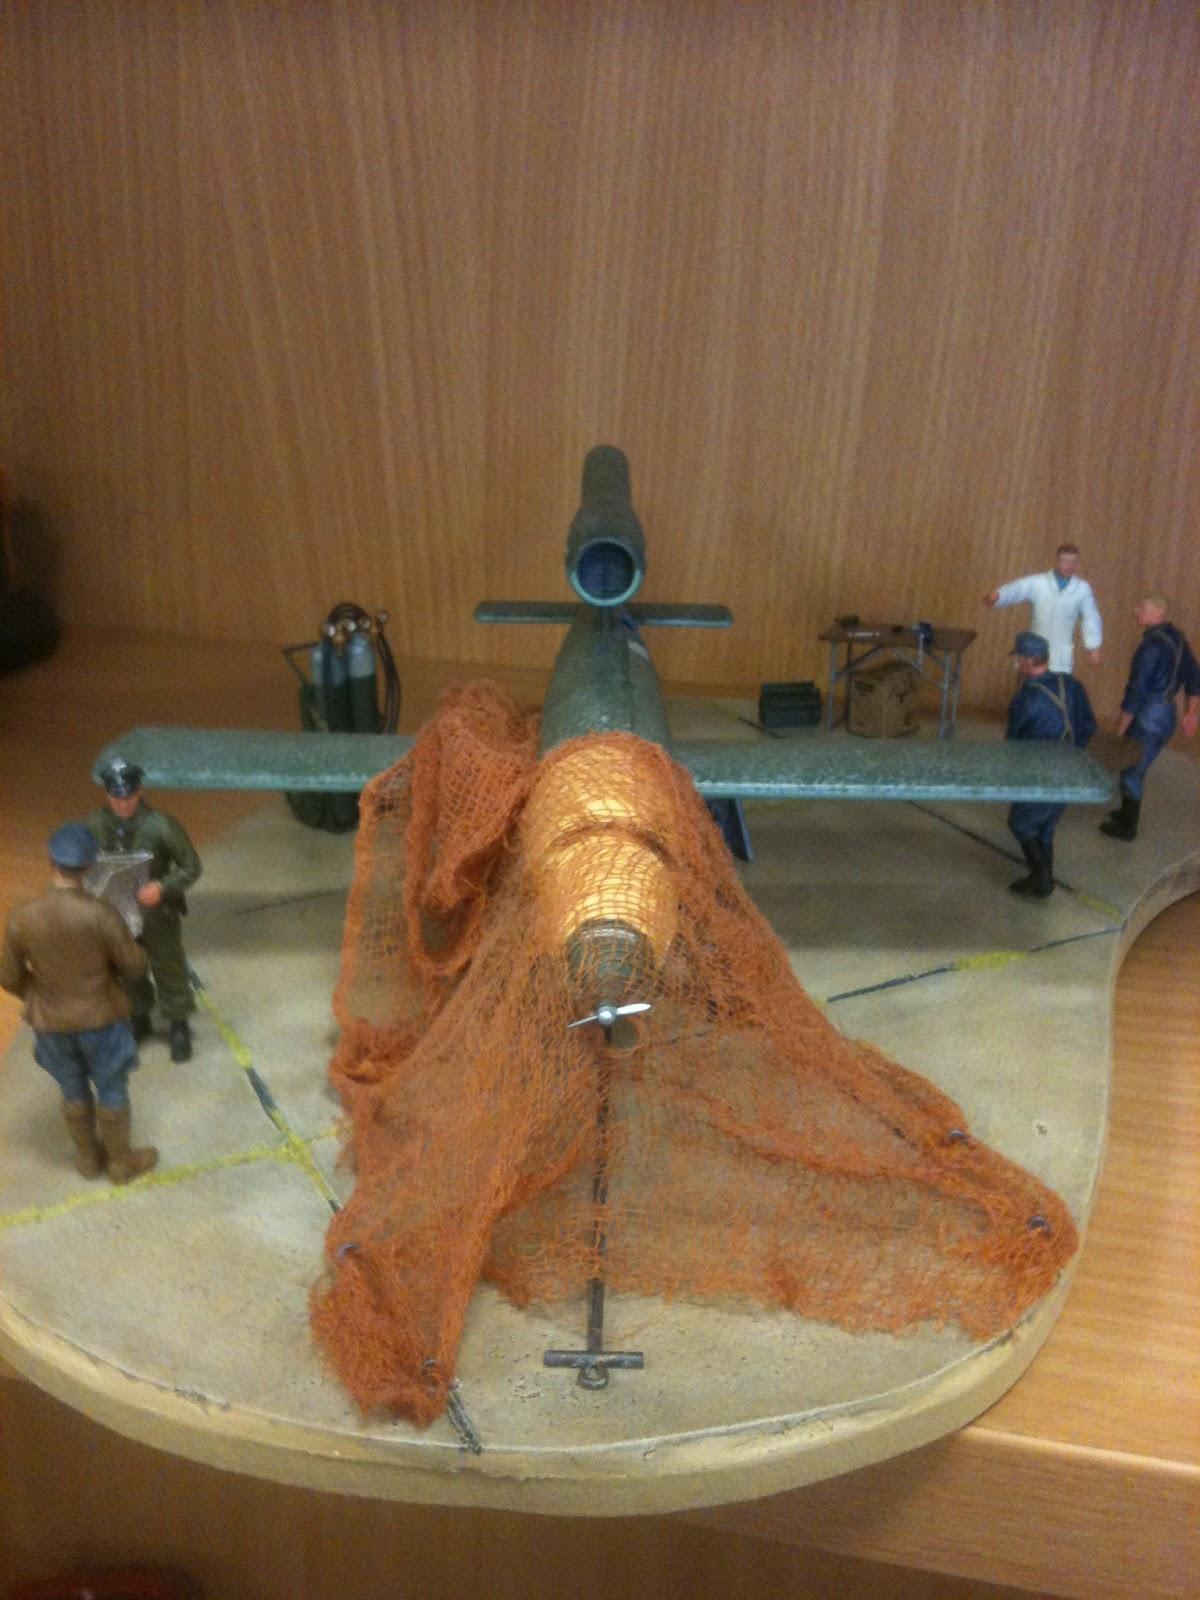 how to build a flood diorama